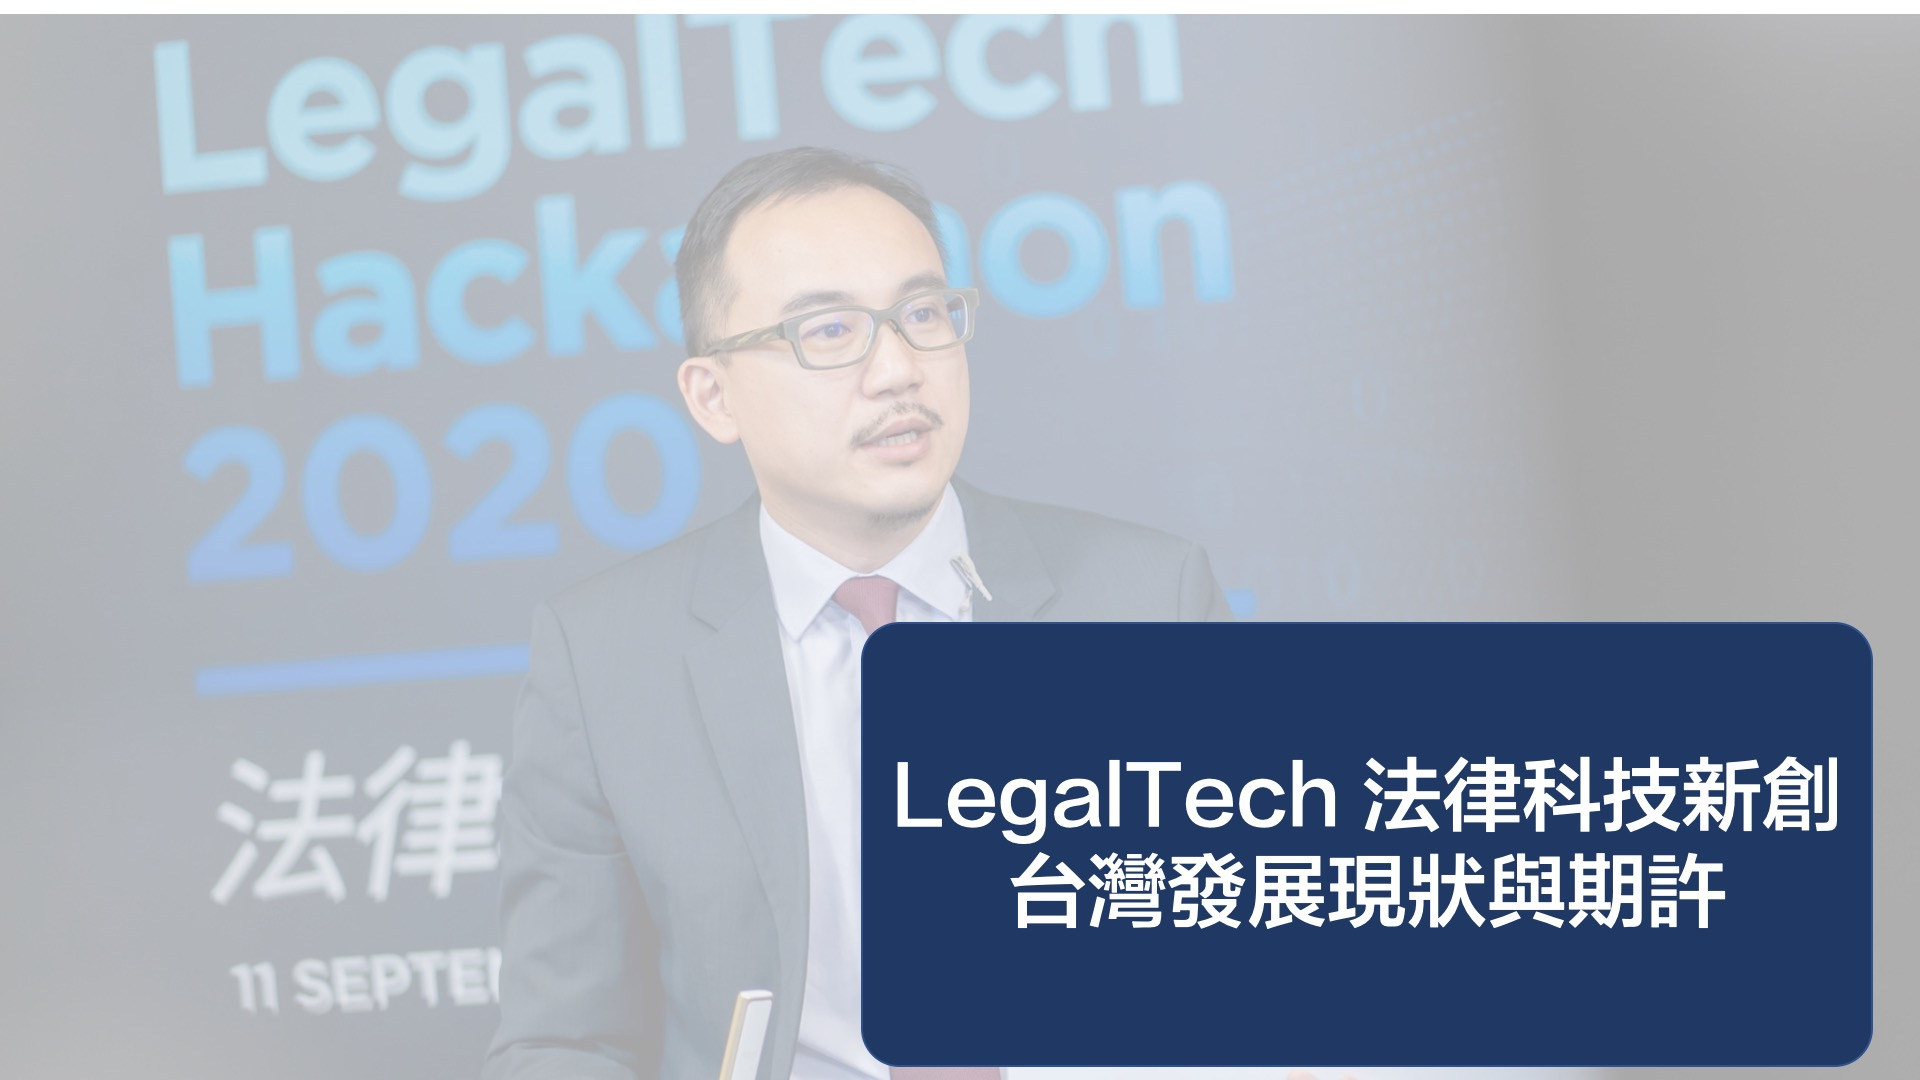 LegalTech 法律科技新創台灣發展現狀與期許